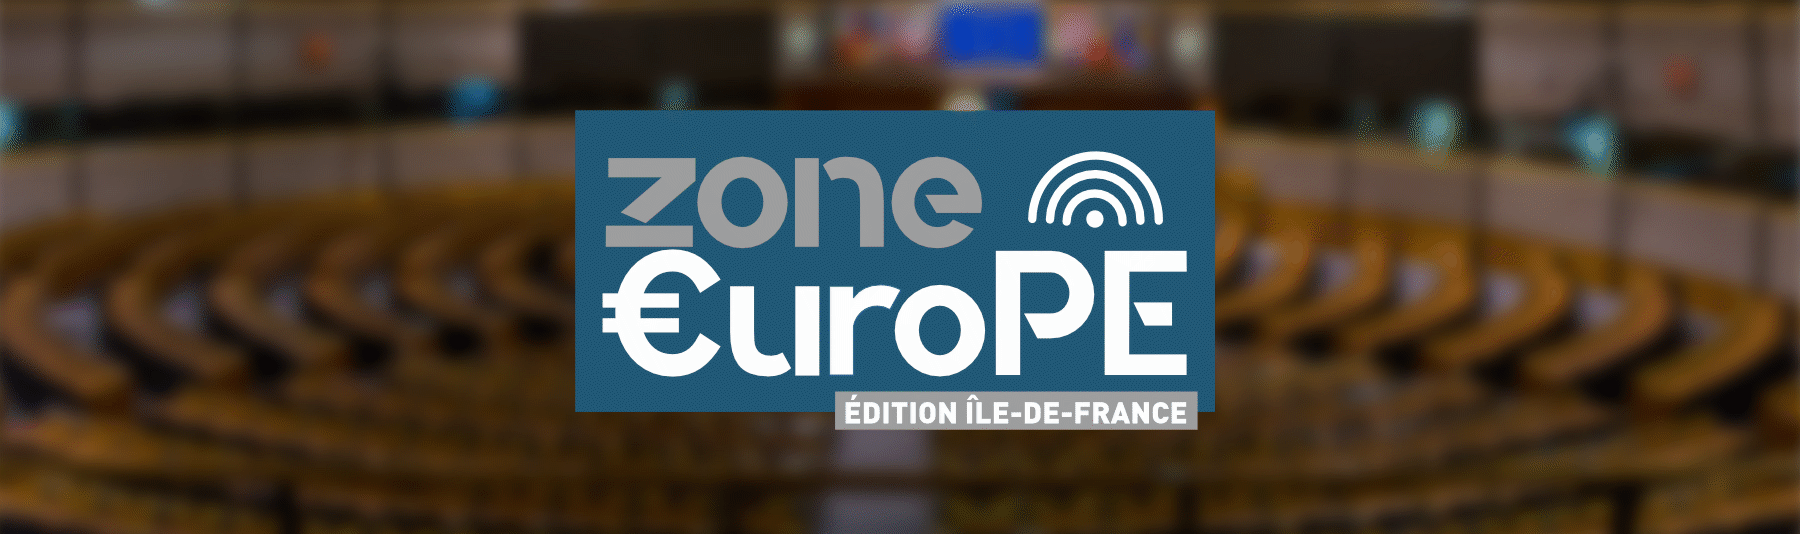 Zone €uroPE - Edition Île-de-France